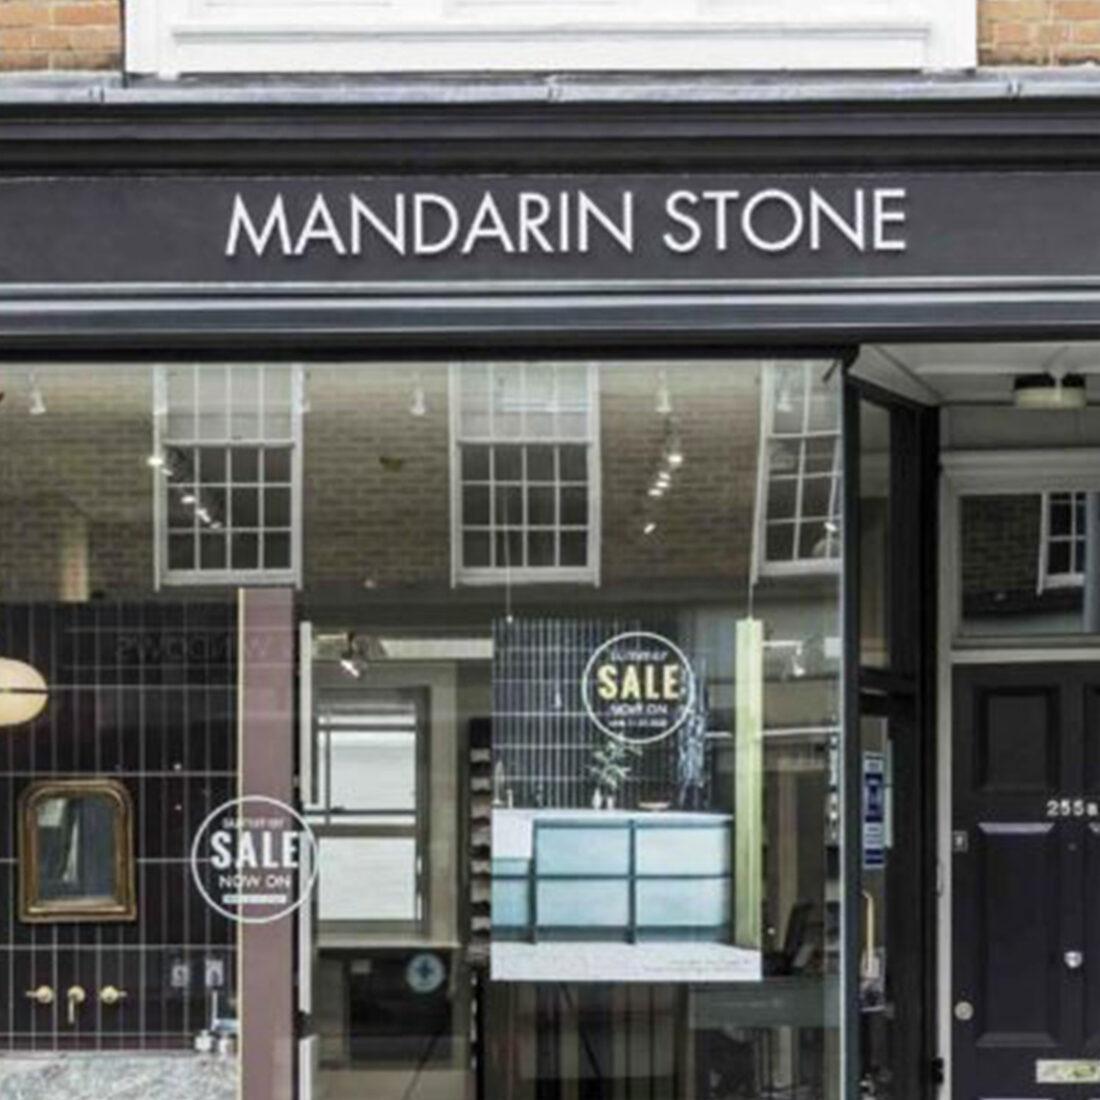 Mandarin Stone storefront in Chelsea